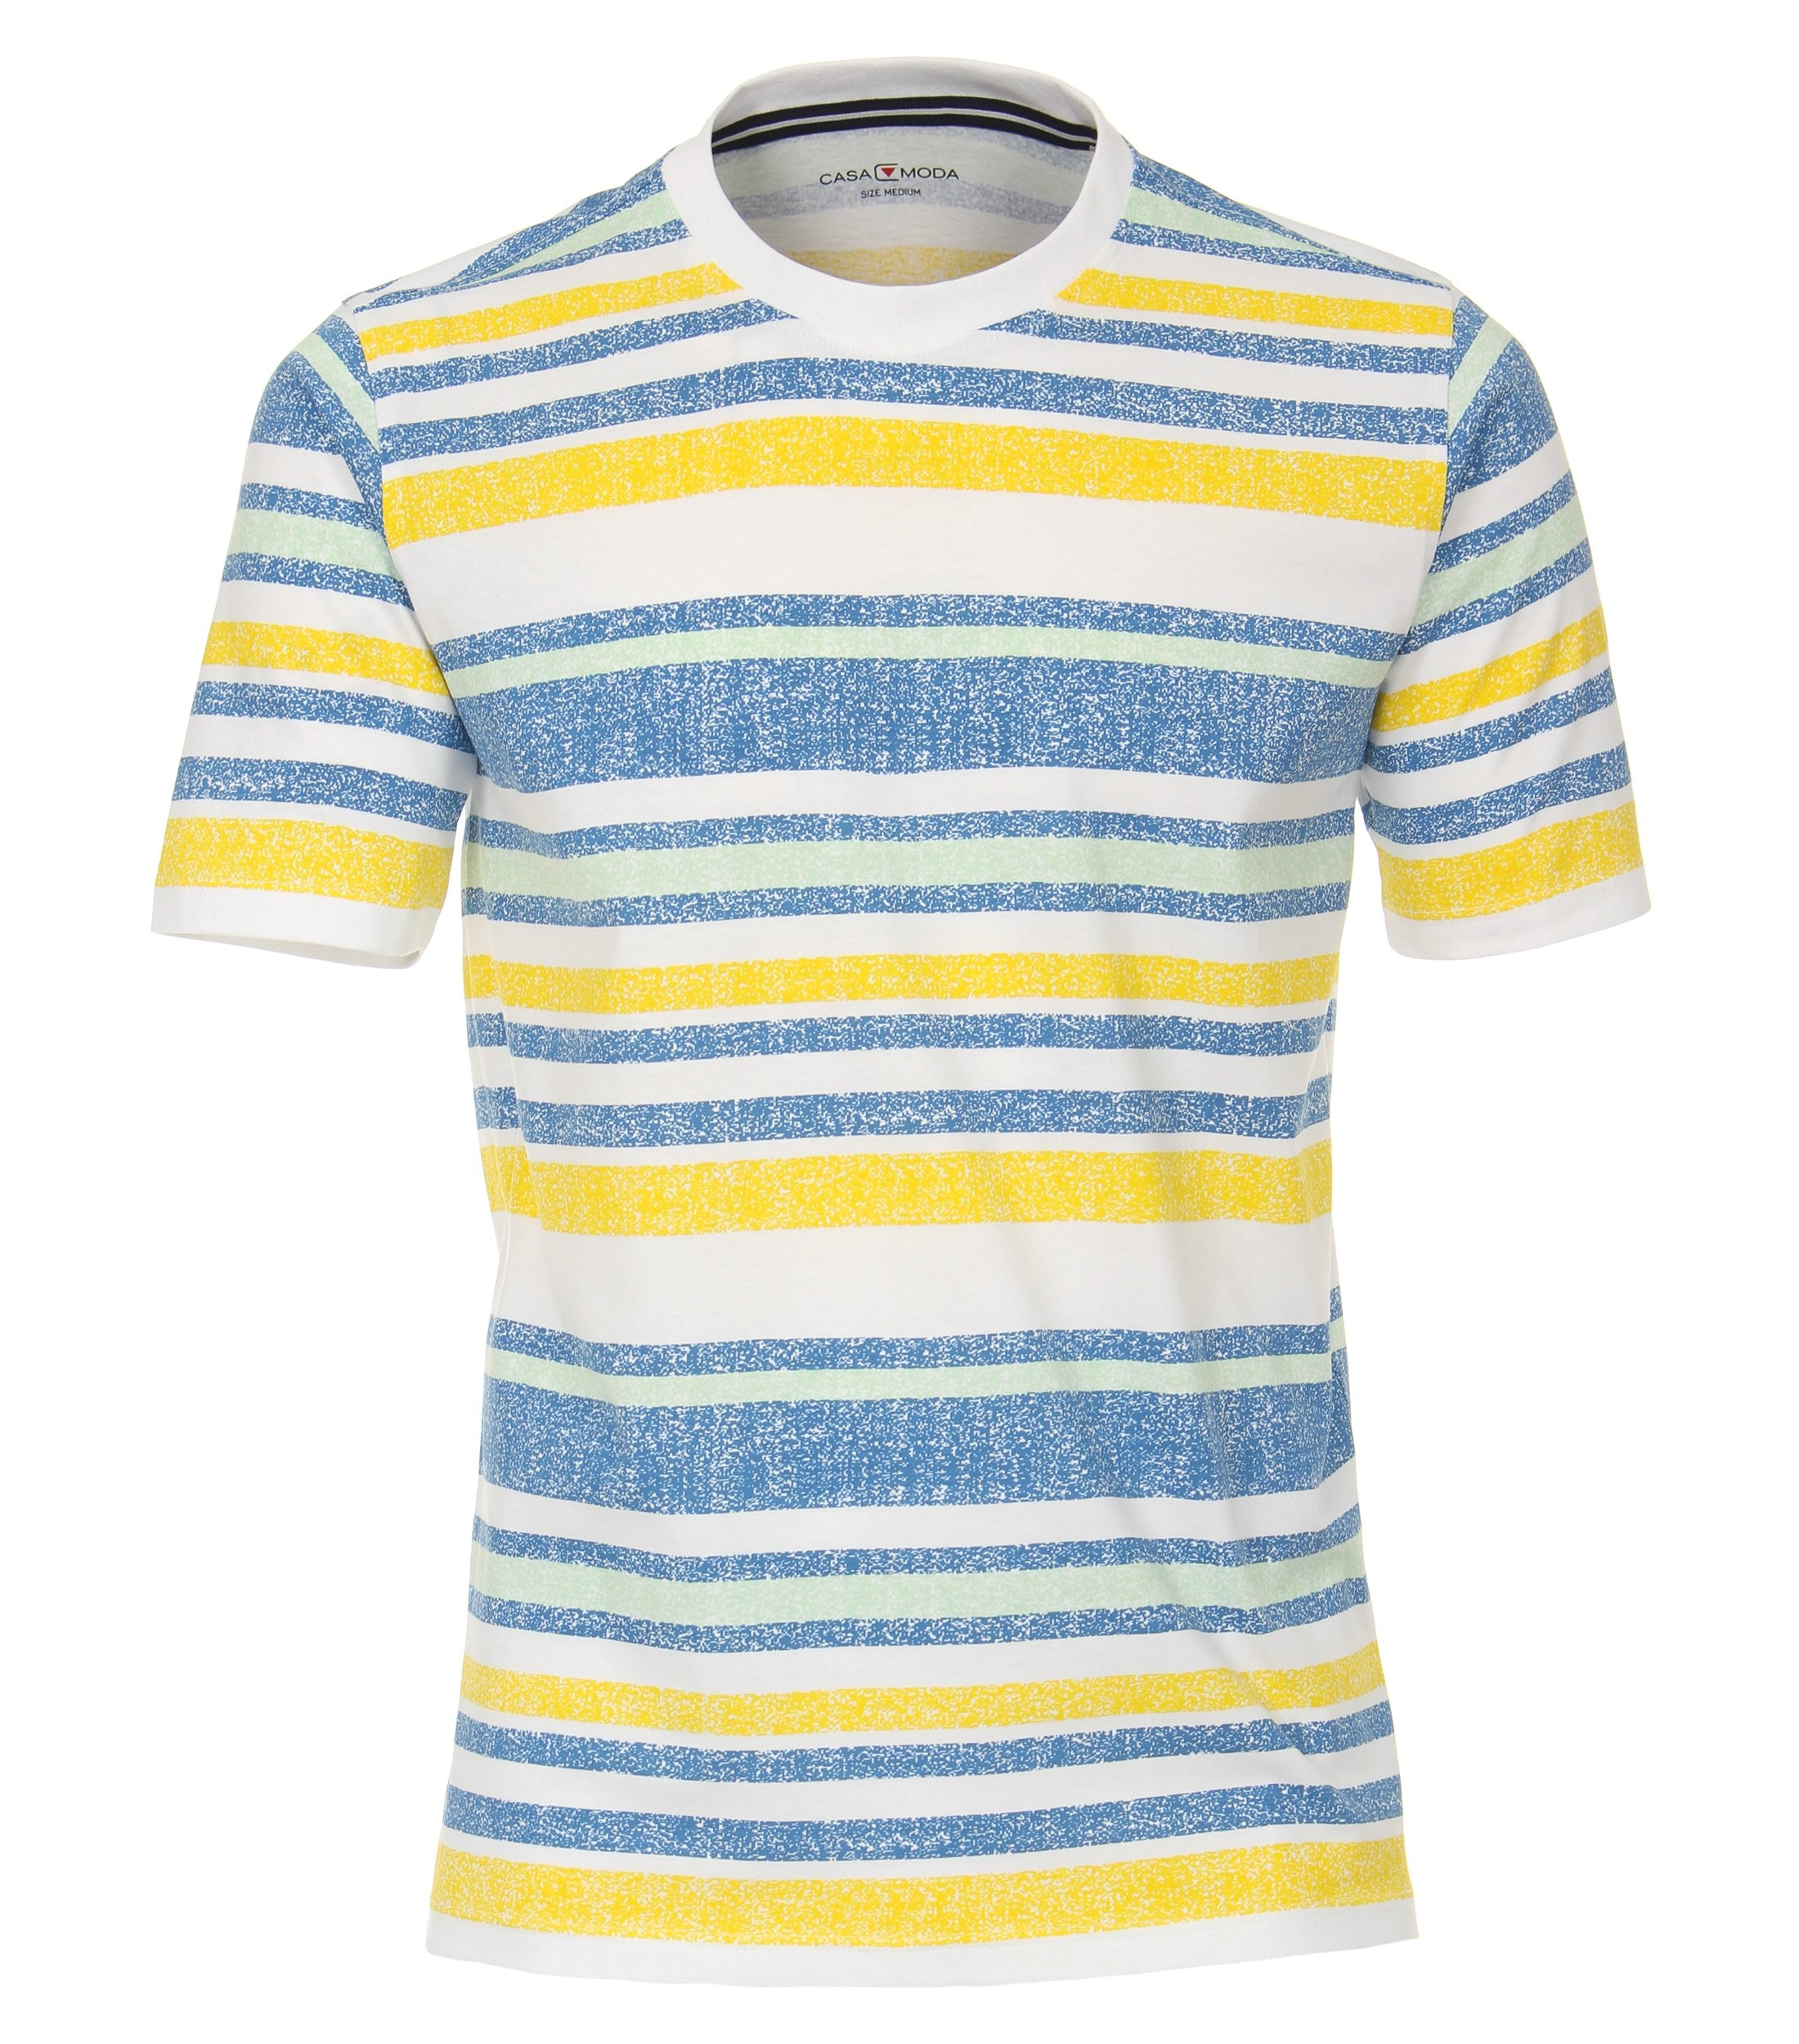 T-shirt van merk CASA MODA in de kleuren blauw, geel, groen en wit, gemaakt van 100% katoen. Dit T-shirt is gemaakt van puur katoen en is zeer comfortabel om te dragen. Het sportieve design met trendy print past perfect bij elke sportieve look en kan op vele manieren worden gecombineerd. Of het nu gaat om jeans, chino's of shorts, dit T-shirt kan veelzijdig gedragen worden en is een absolute musthave voor iedere garderobe.